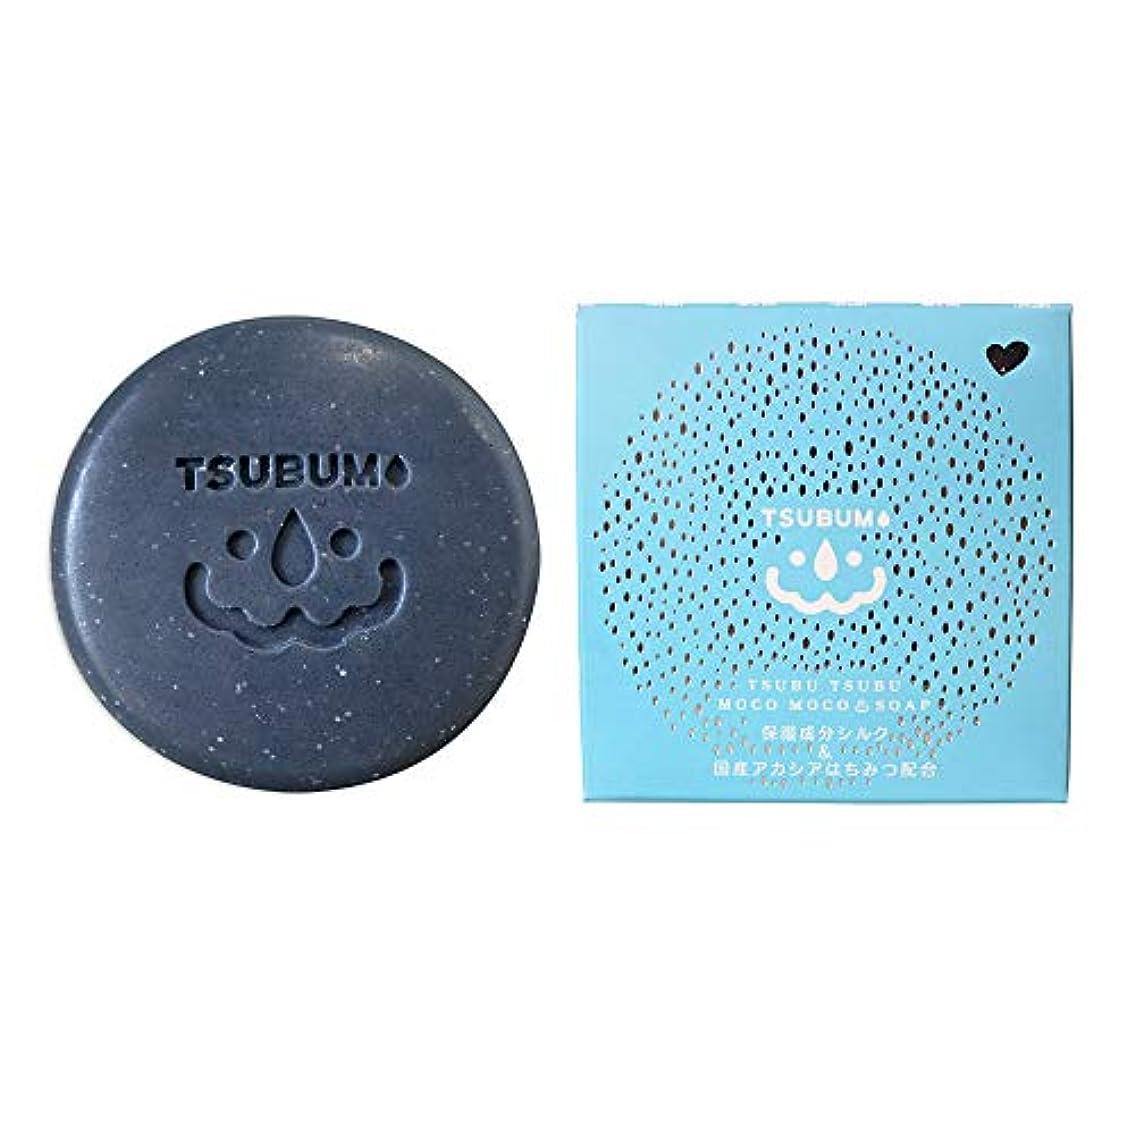 モールス信号かすれたジャンル【TSUBUMO(ツブモ)】天然植物由来 プレミアムミネラルソープ 固形 フェイス&ボディ用 90g×1個|アルガンオイル 馬油 ガスール 着色料不使用 低刺激 敏感肌|日本製|ファミリー向け